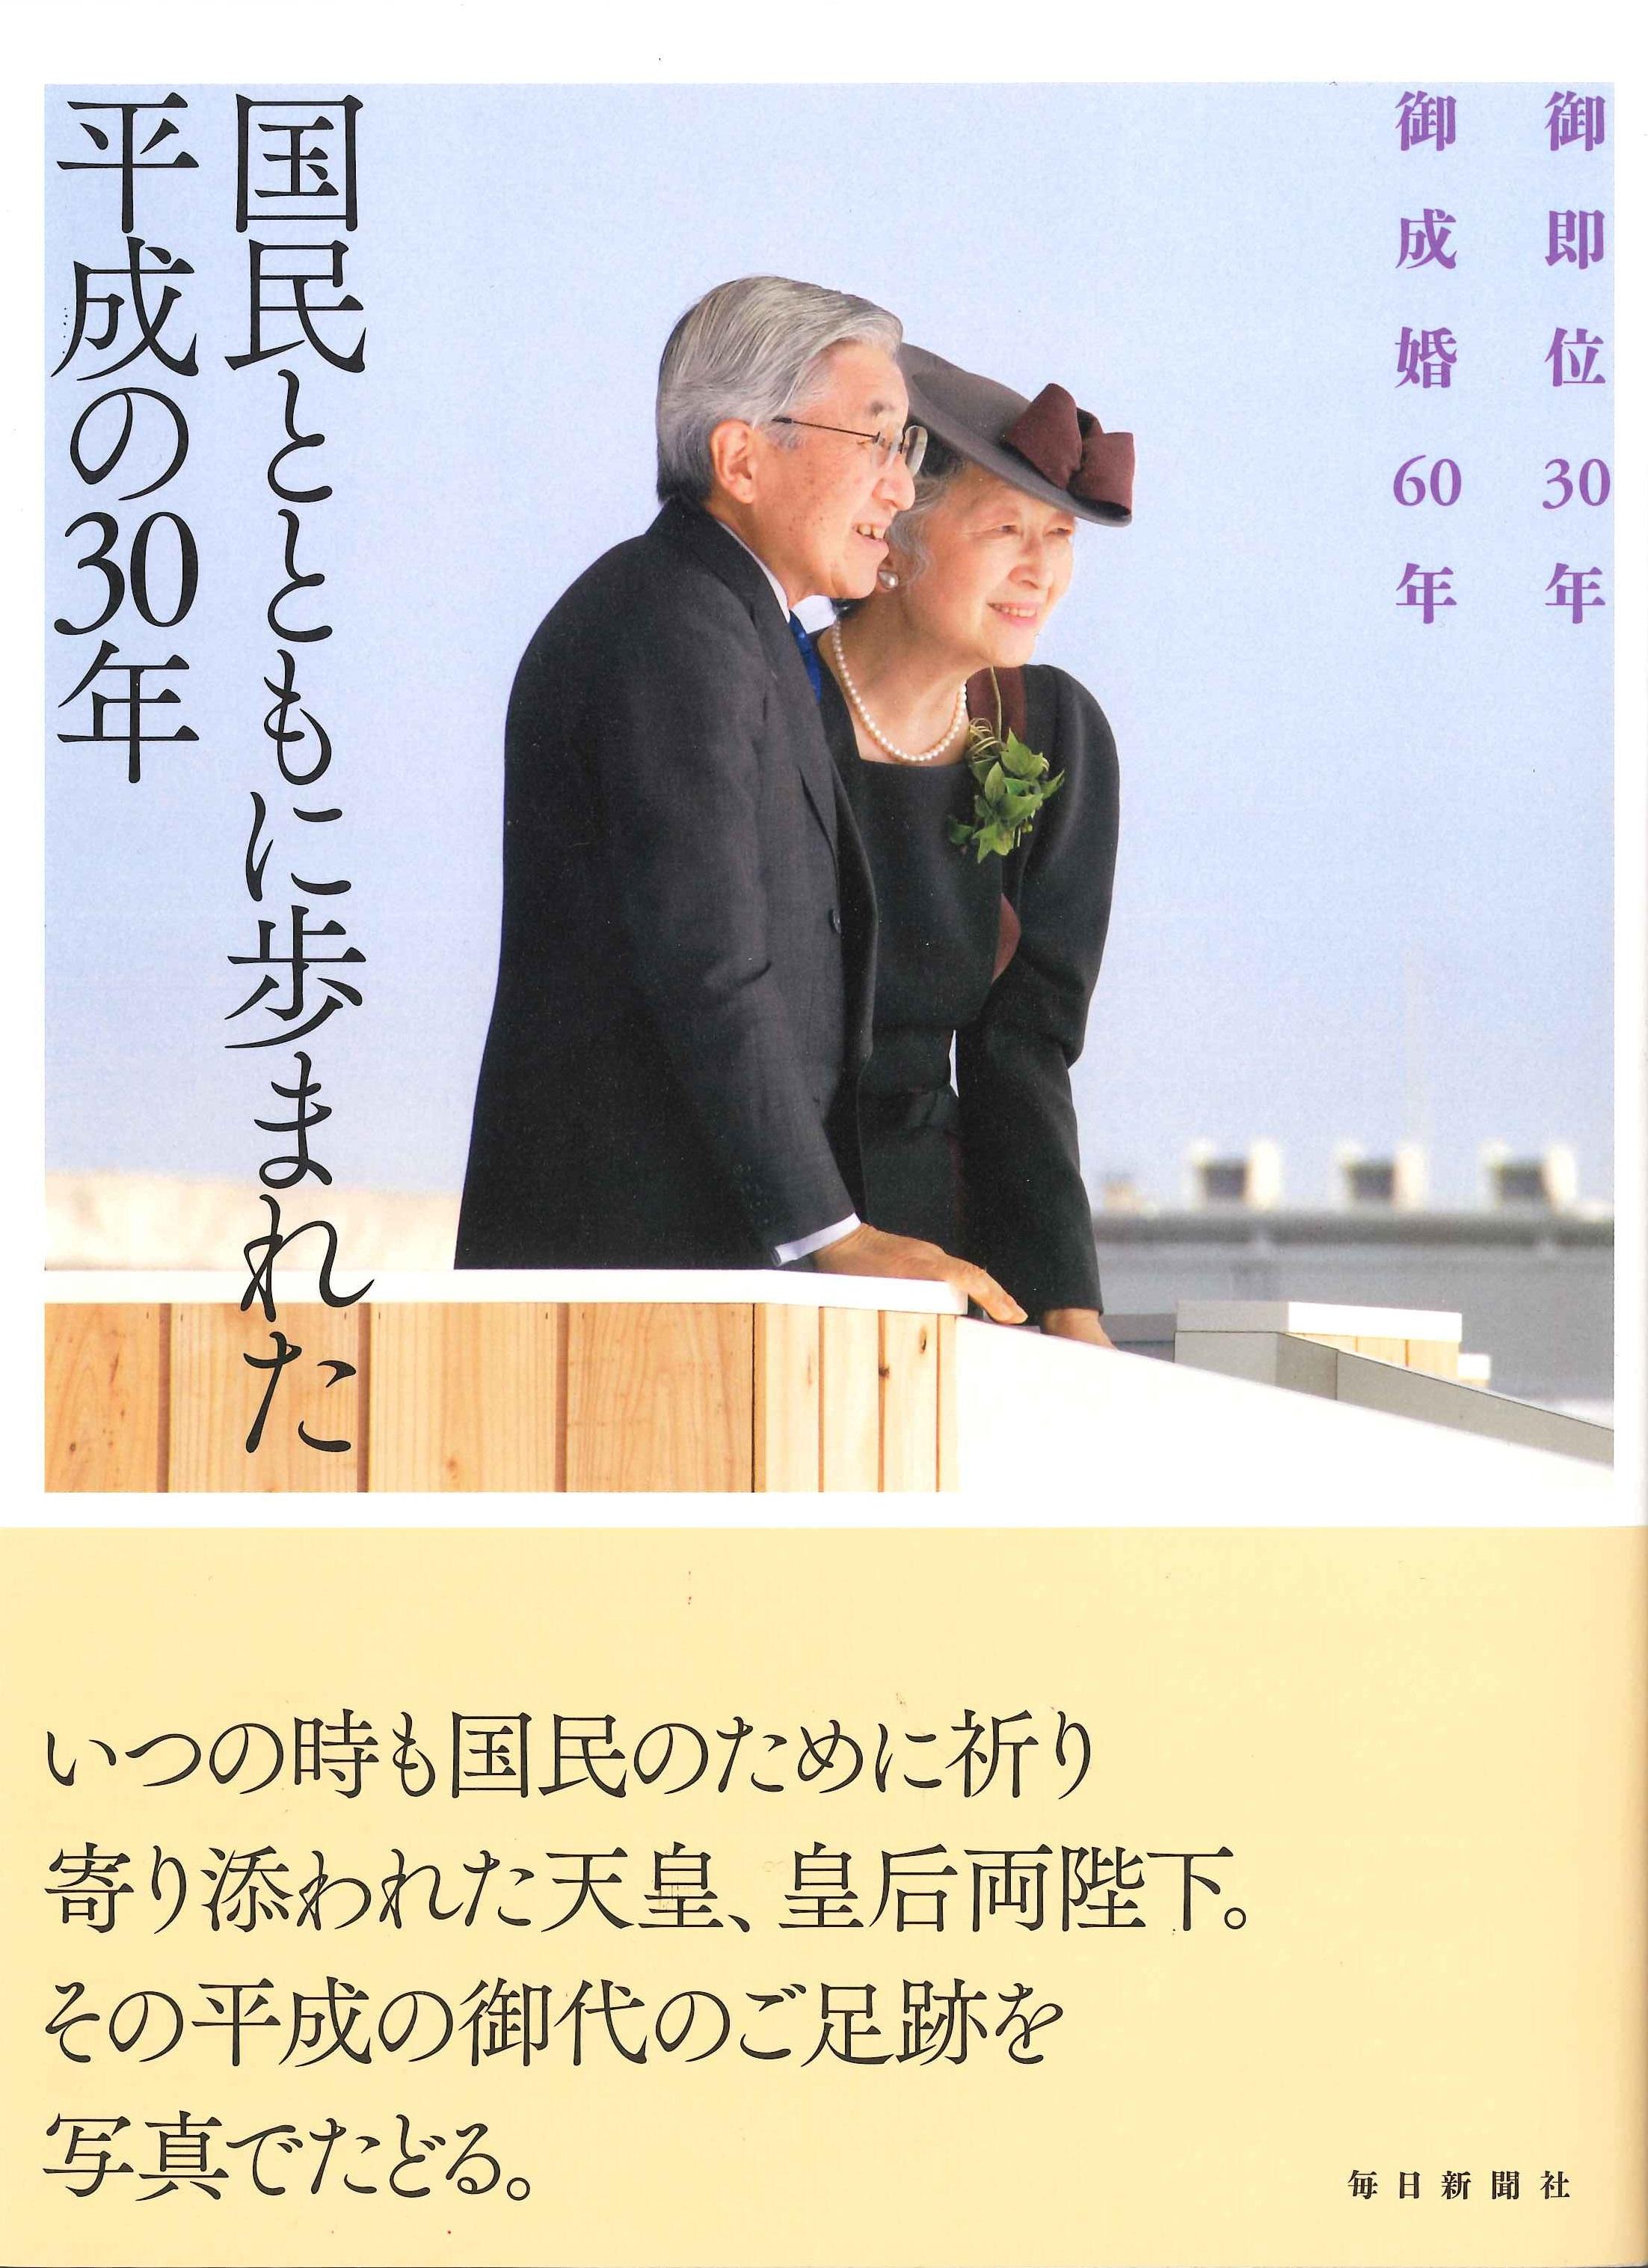 書影:御即位30年 御成婚60年 国民とともに歩まれた平成の30年